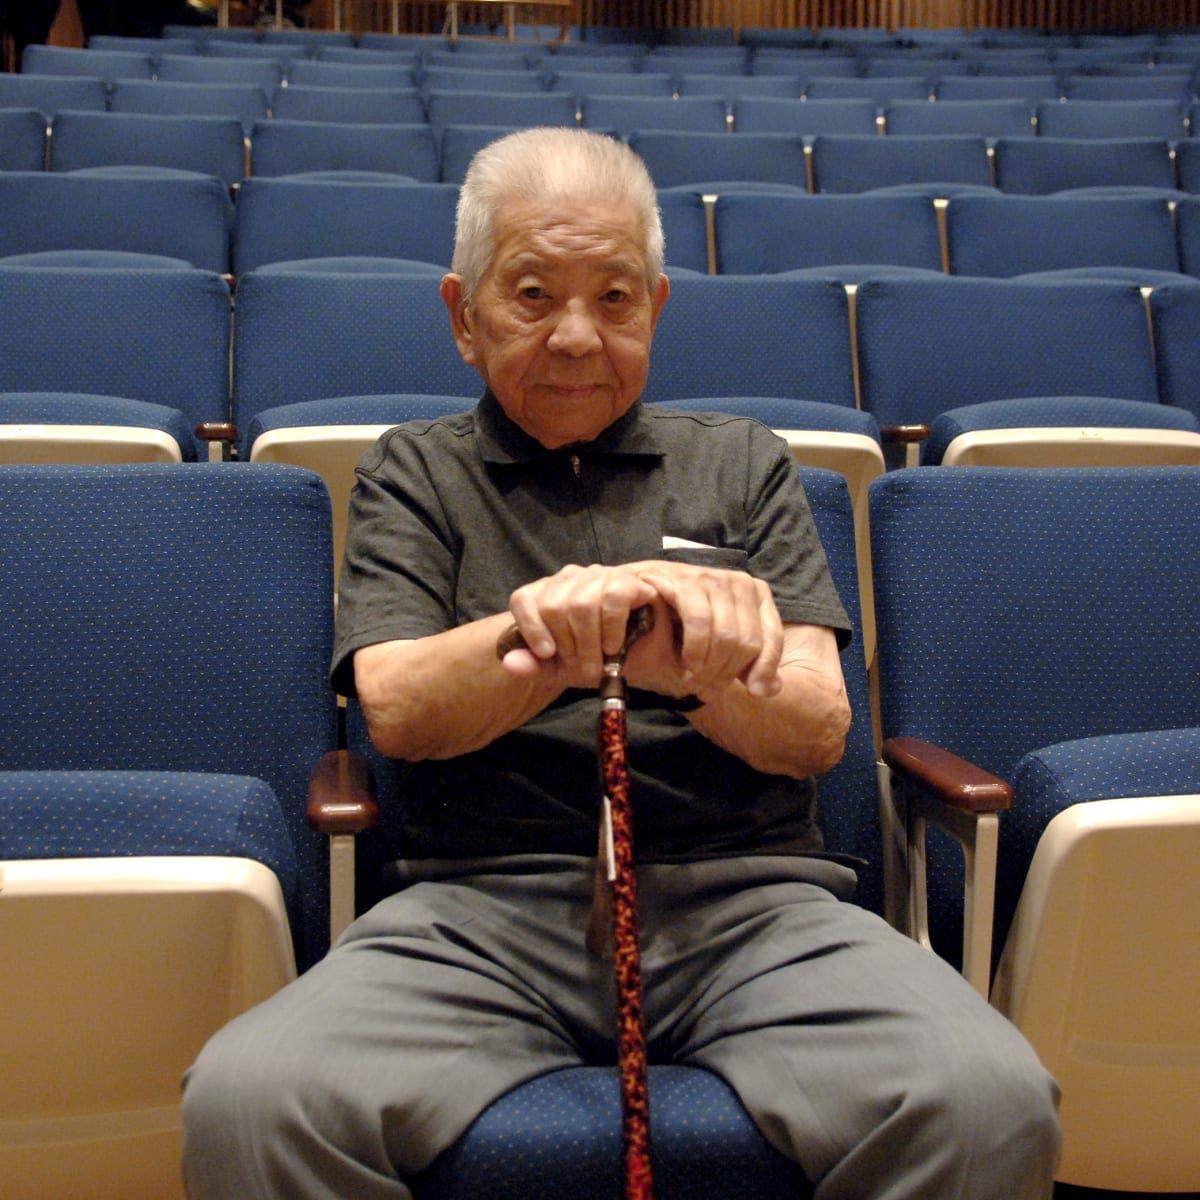 صورة لتسوتومو ياماجوتشي